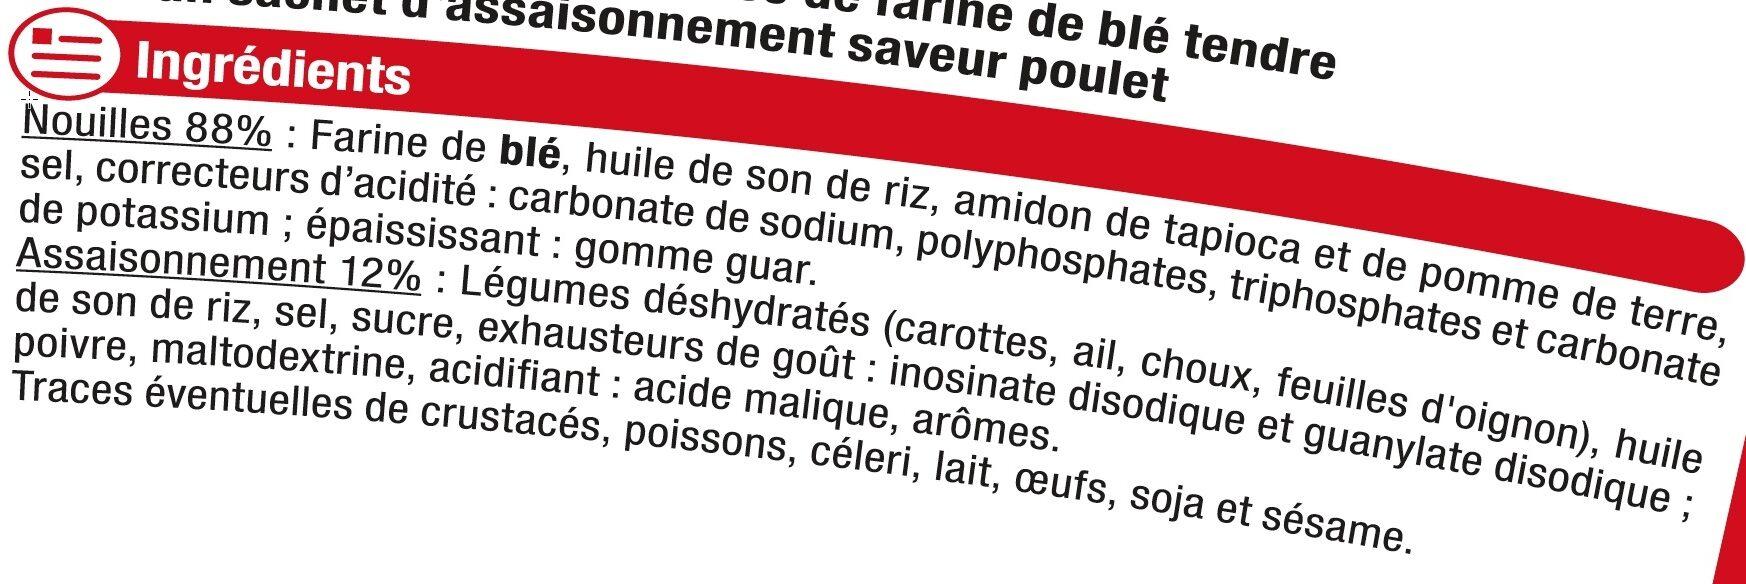 Nouilles cuisinées cup saveur poulet - Ingredients - fr